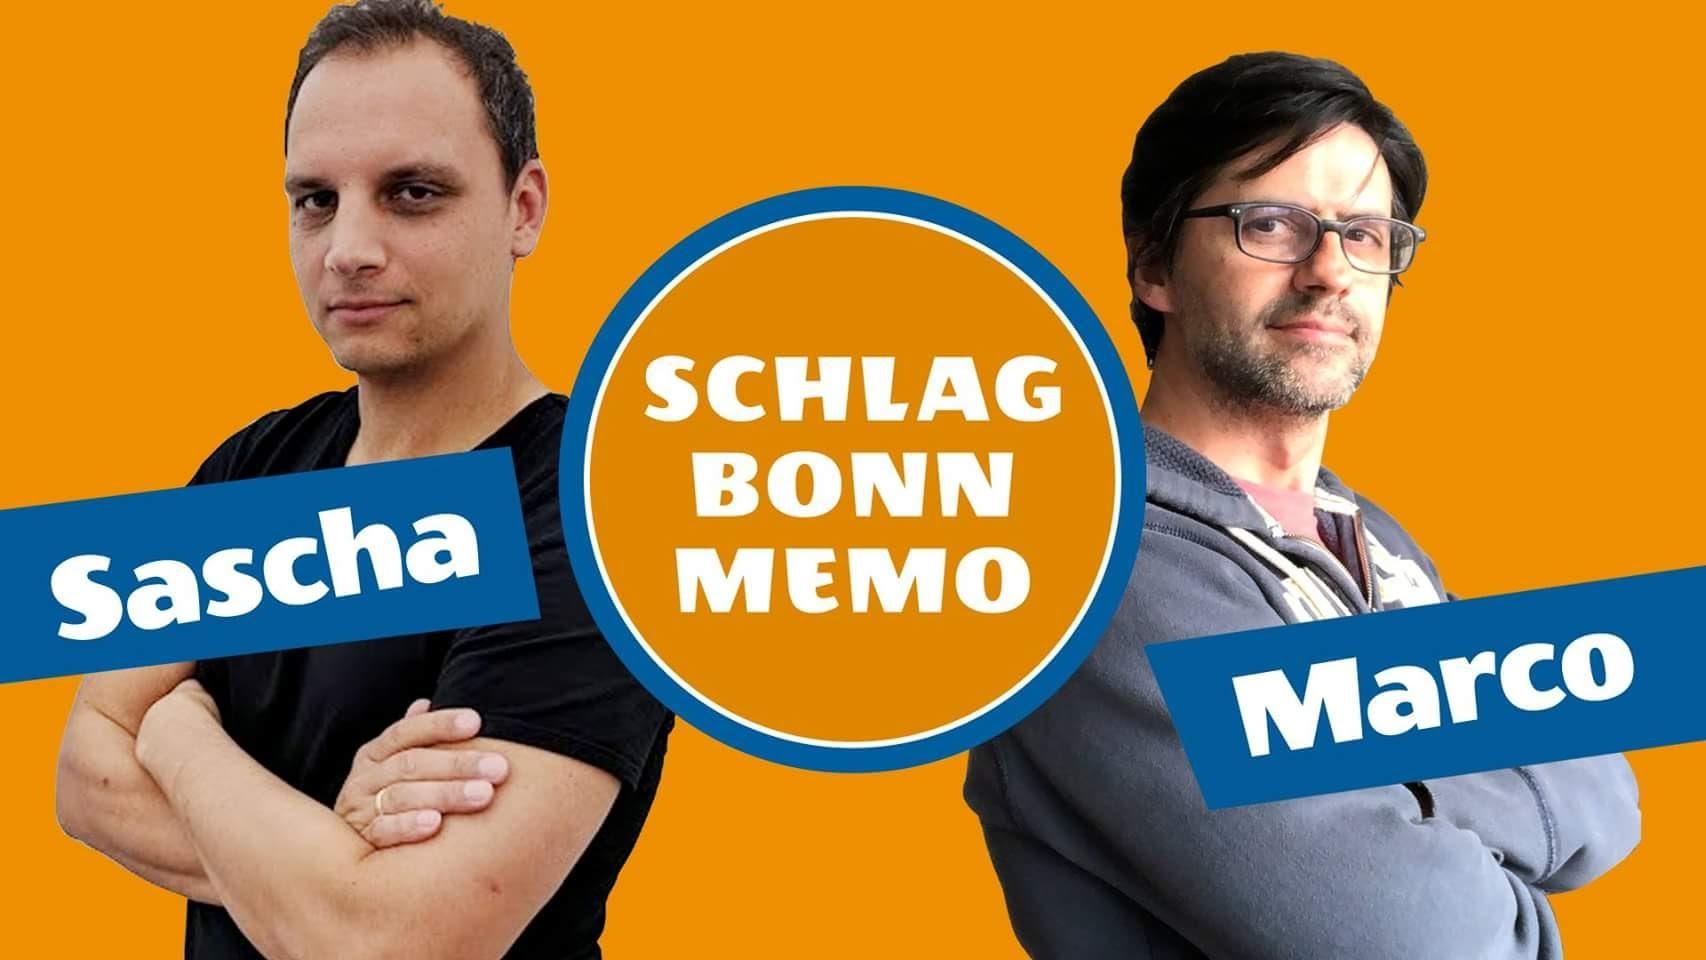 bonn_memo_-_schlag_.jpg